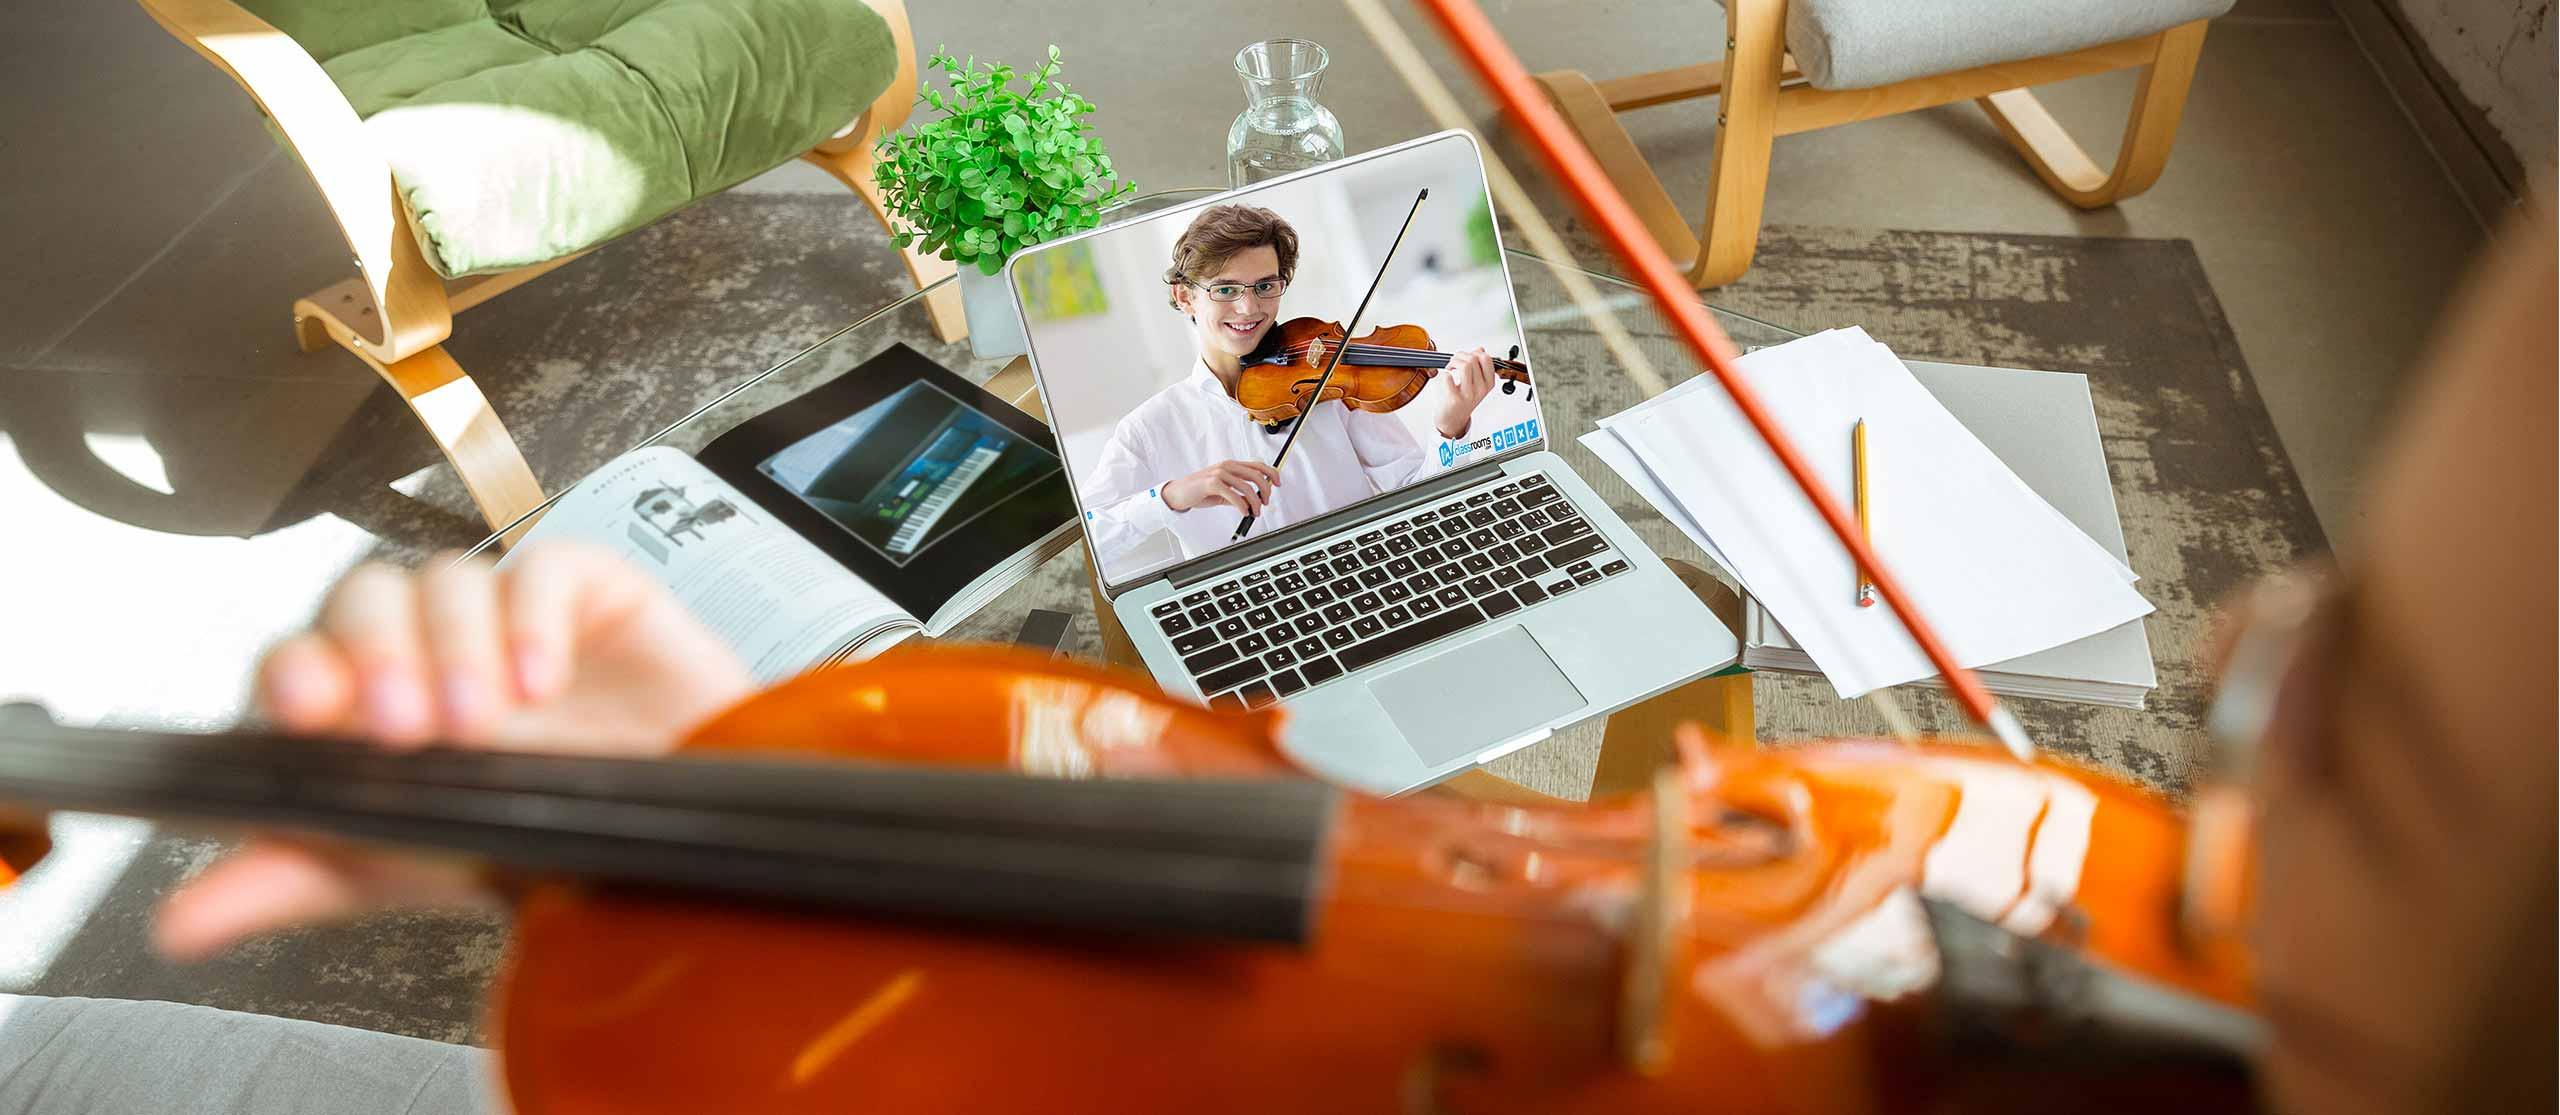 viola violino violoncello mfclassroom